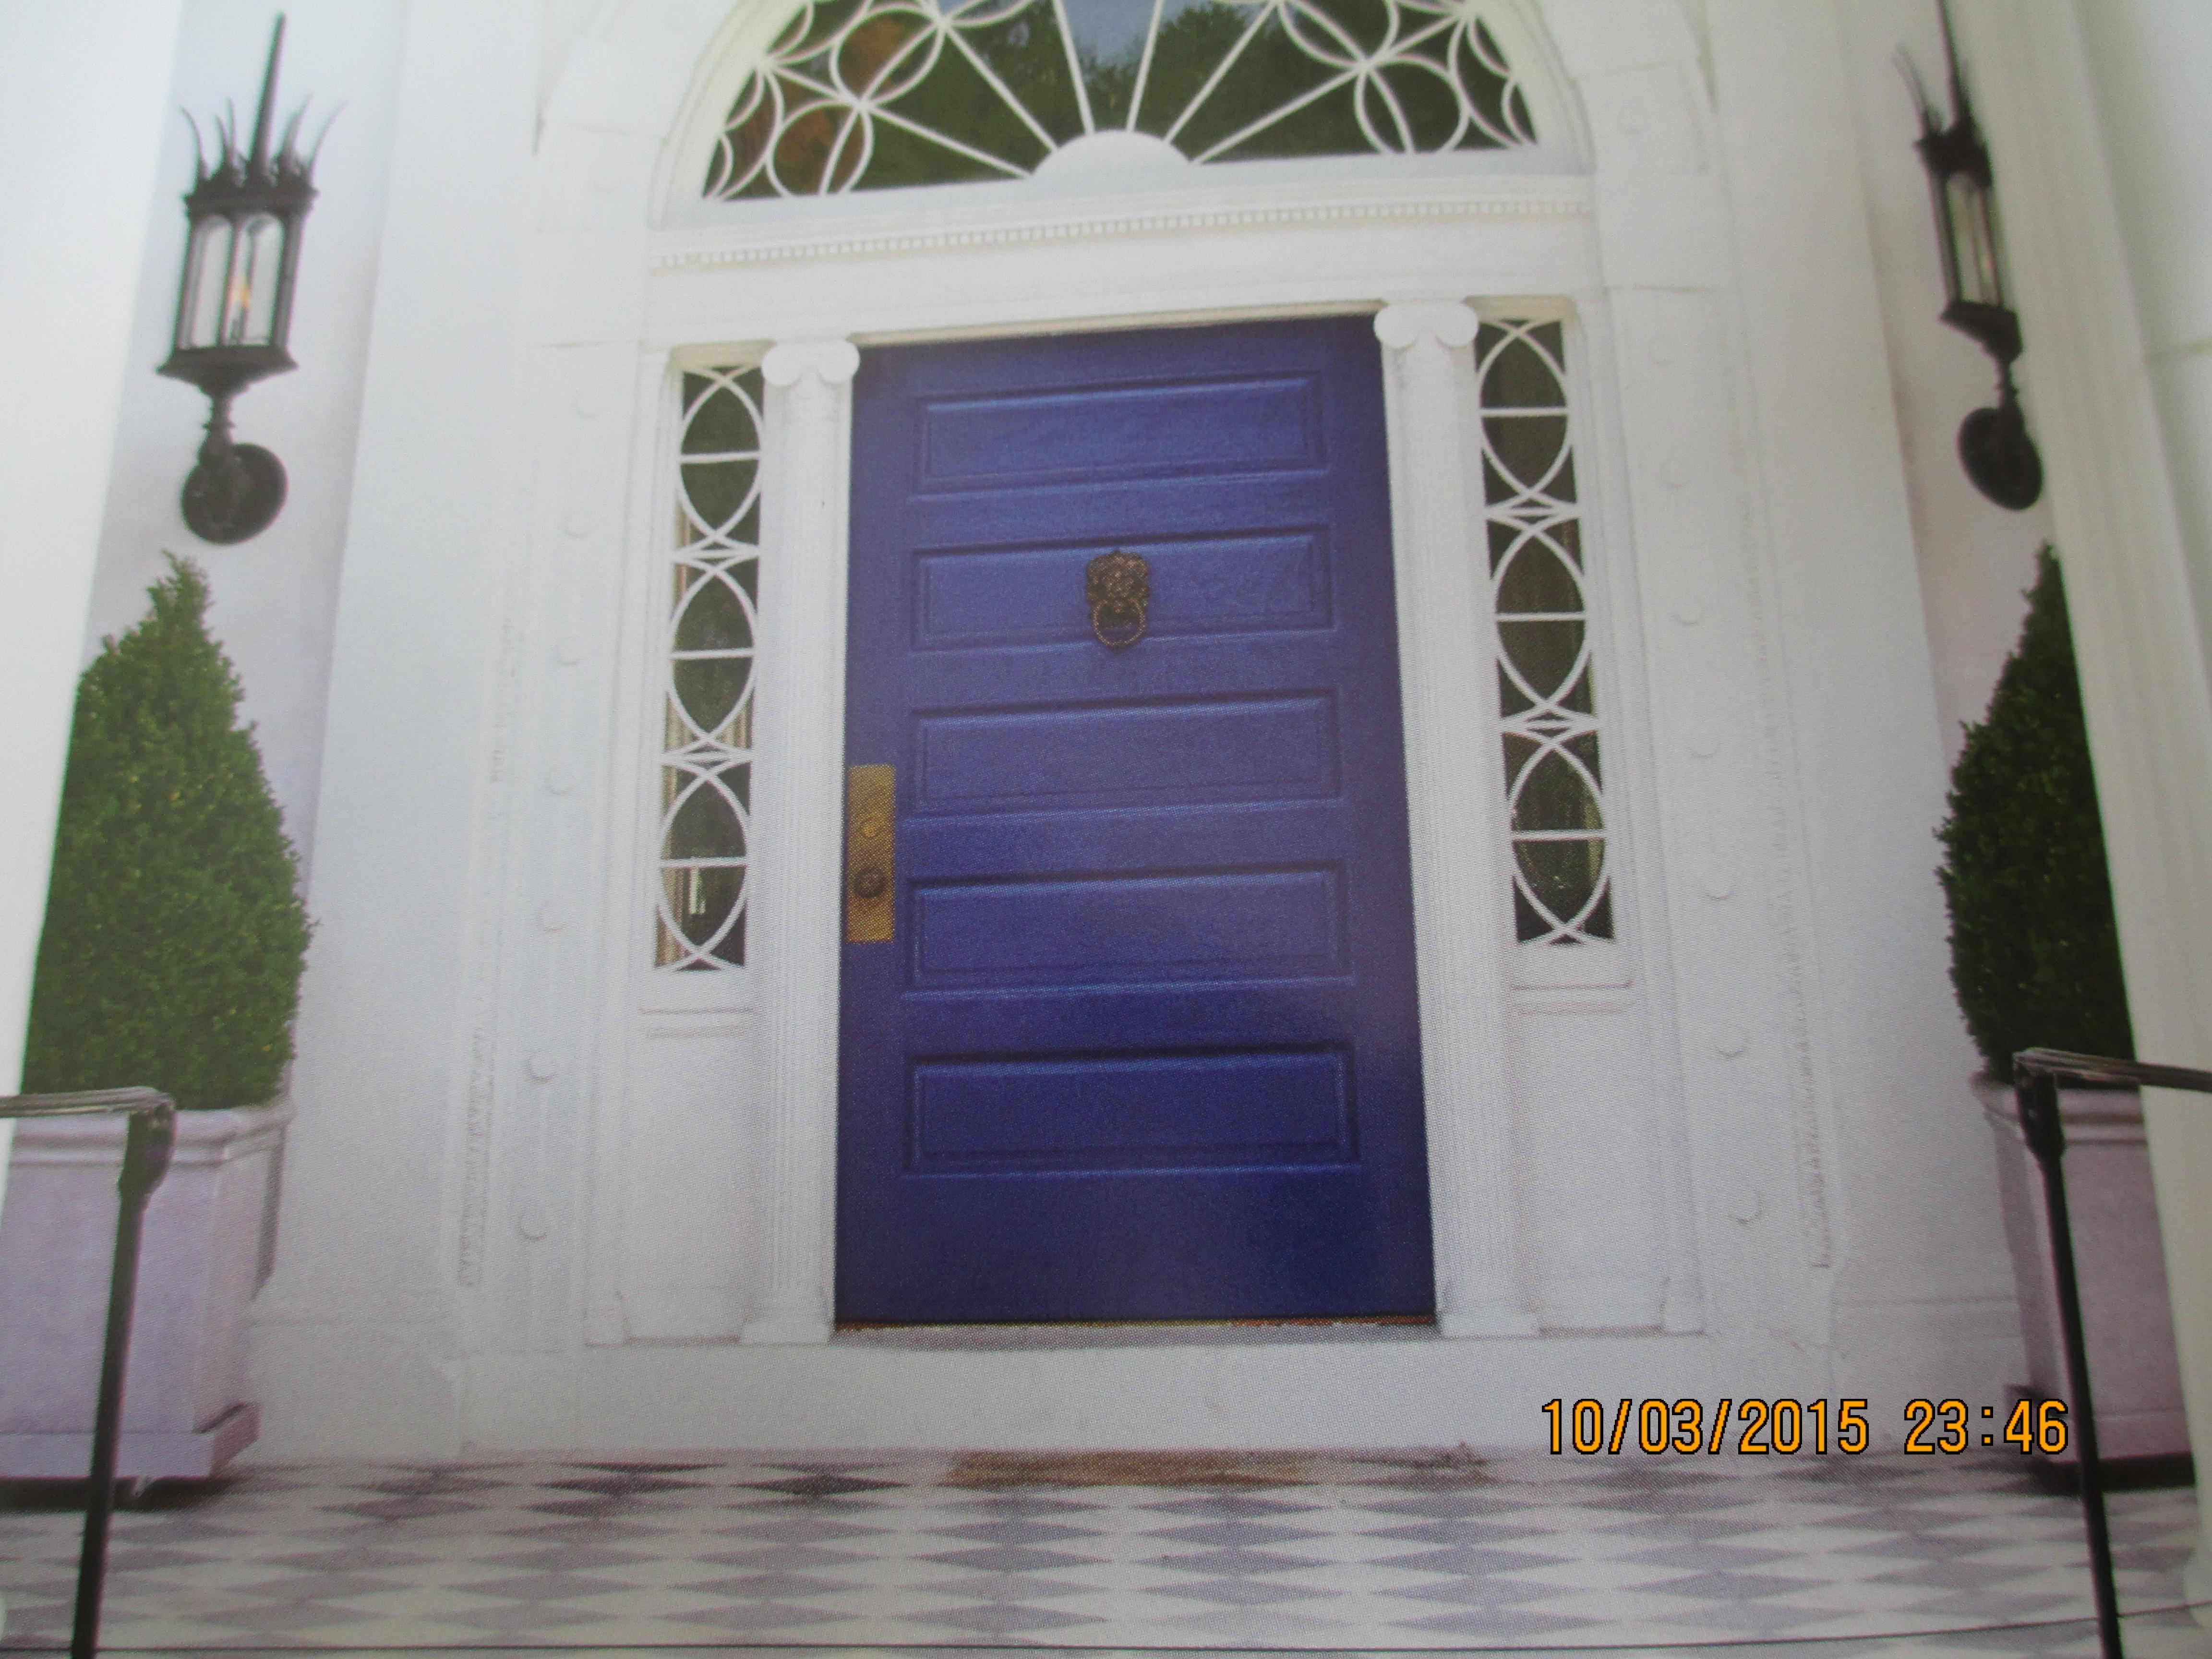 AMISH CUSTOM DOORS 42 X 96 Inch CUSTOM MILLED / BUILT DOOR